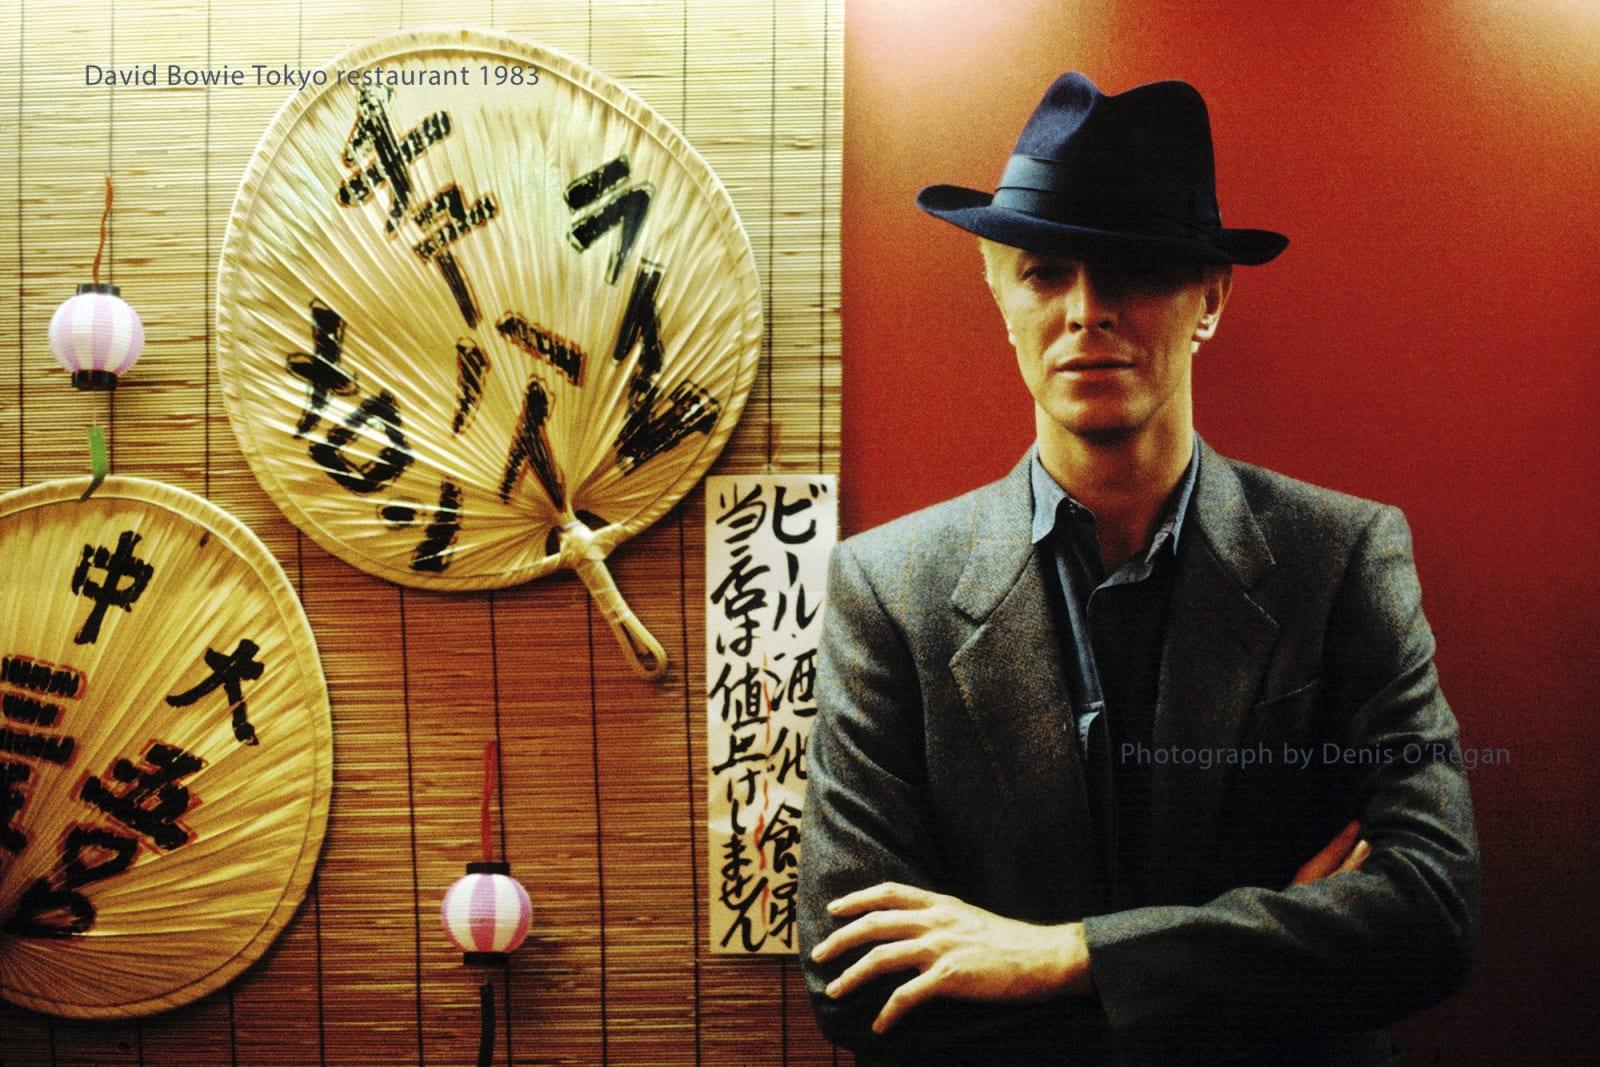 DAVID BOWIE, David Bowie Tokyo Restaurant, 1983